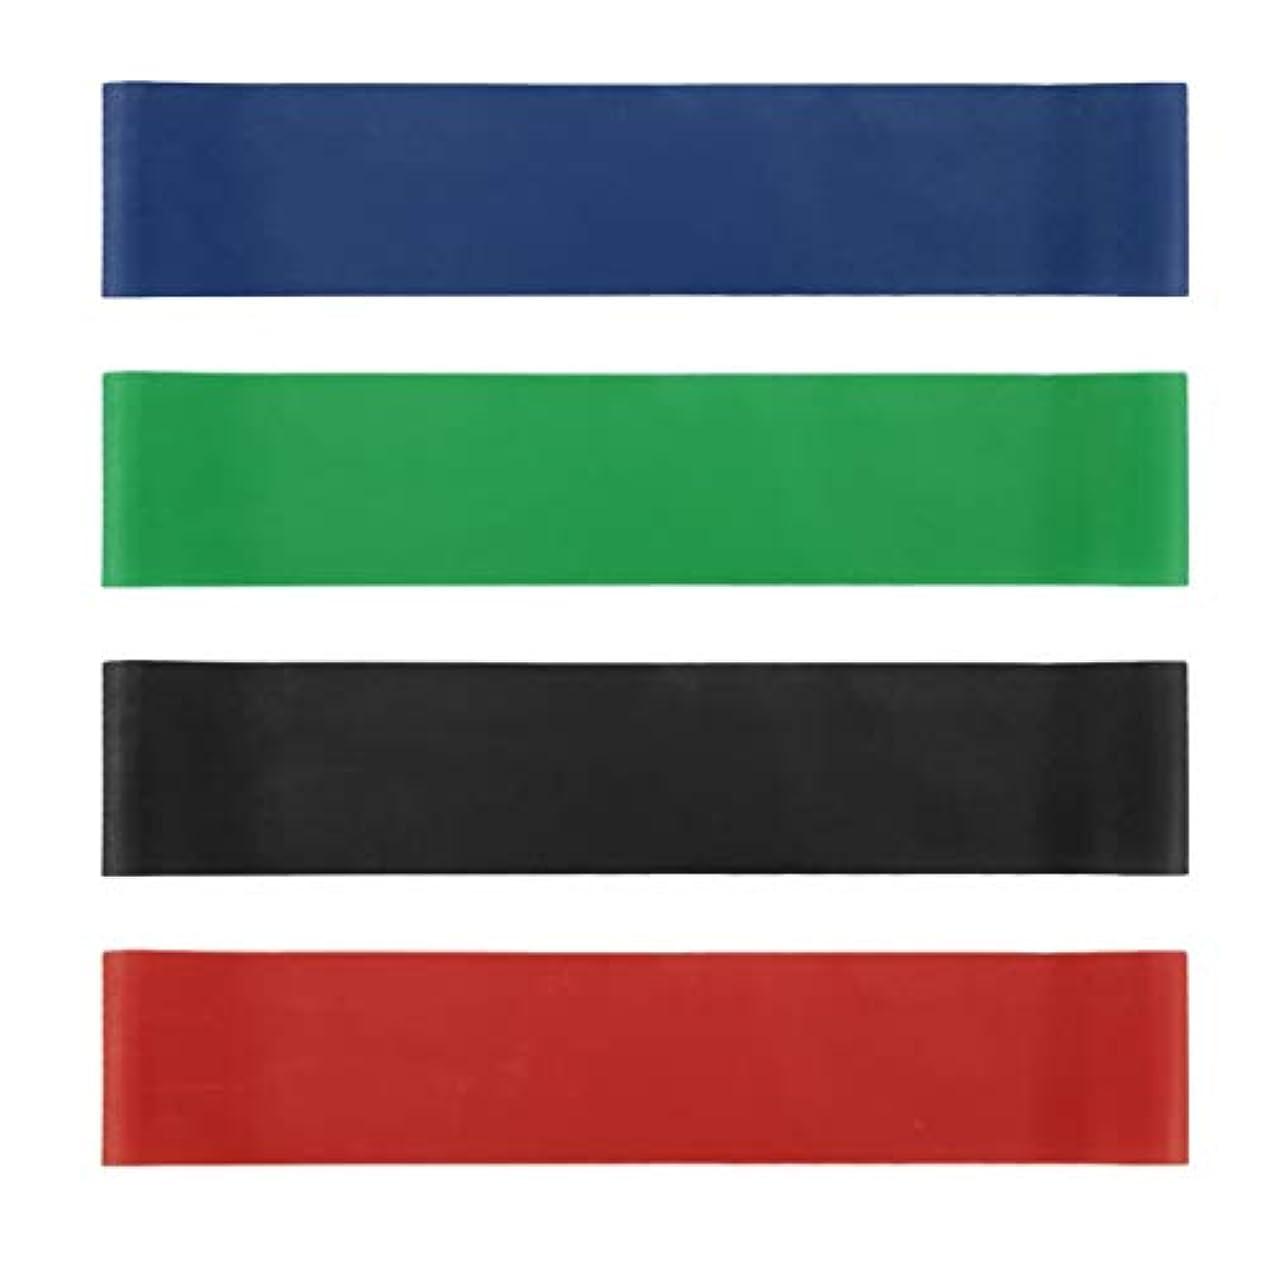 安息溶接励起4本の伸縮性ゴム弾性ヨガベルトバンドプルロープ張力抵抗バンドループ強度のフィットネスヨガツール - レッド&ブルー&グリーン&ブラック